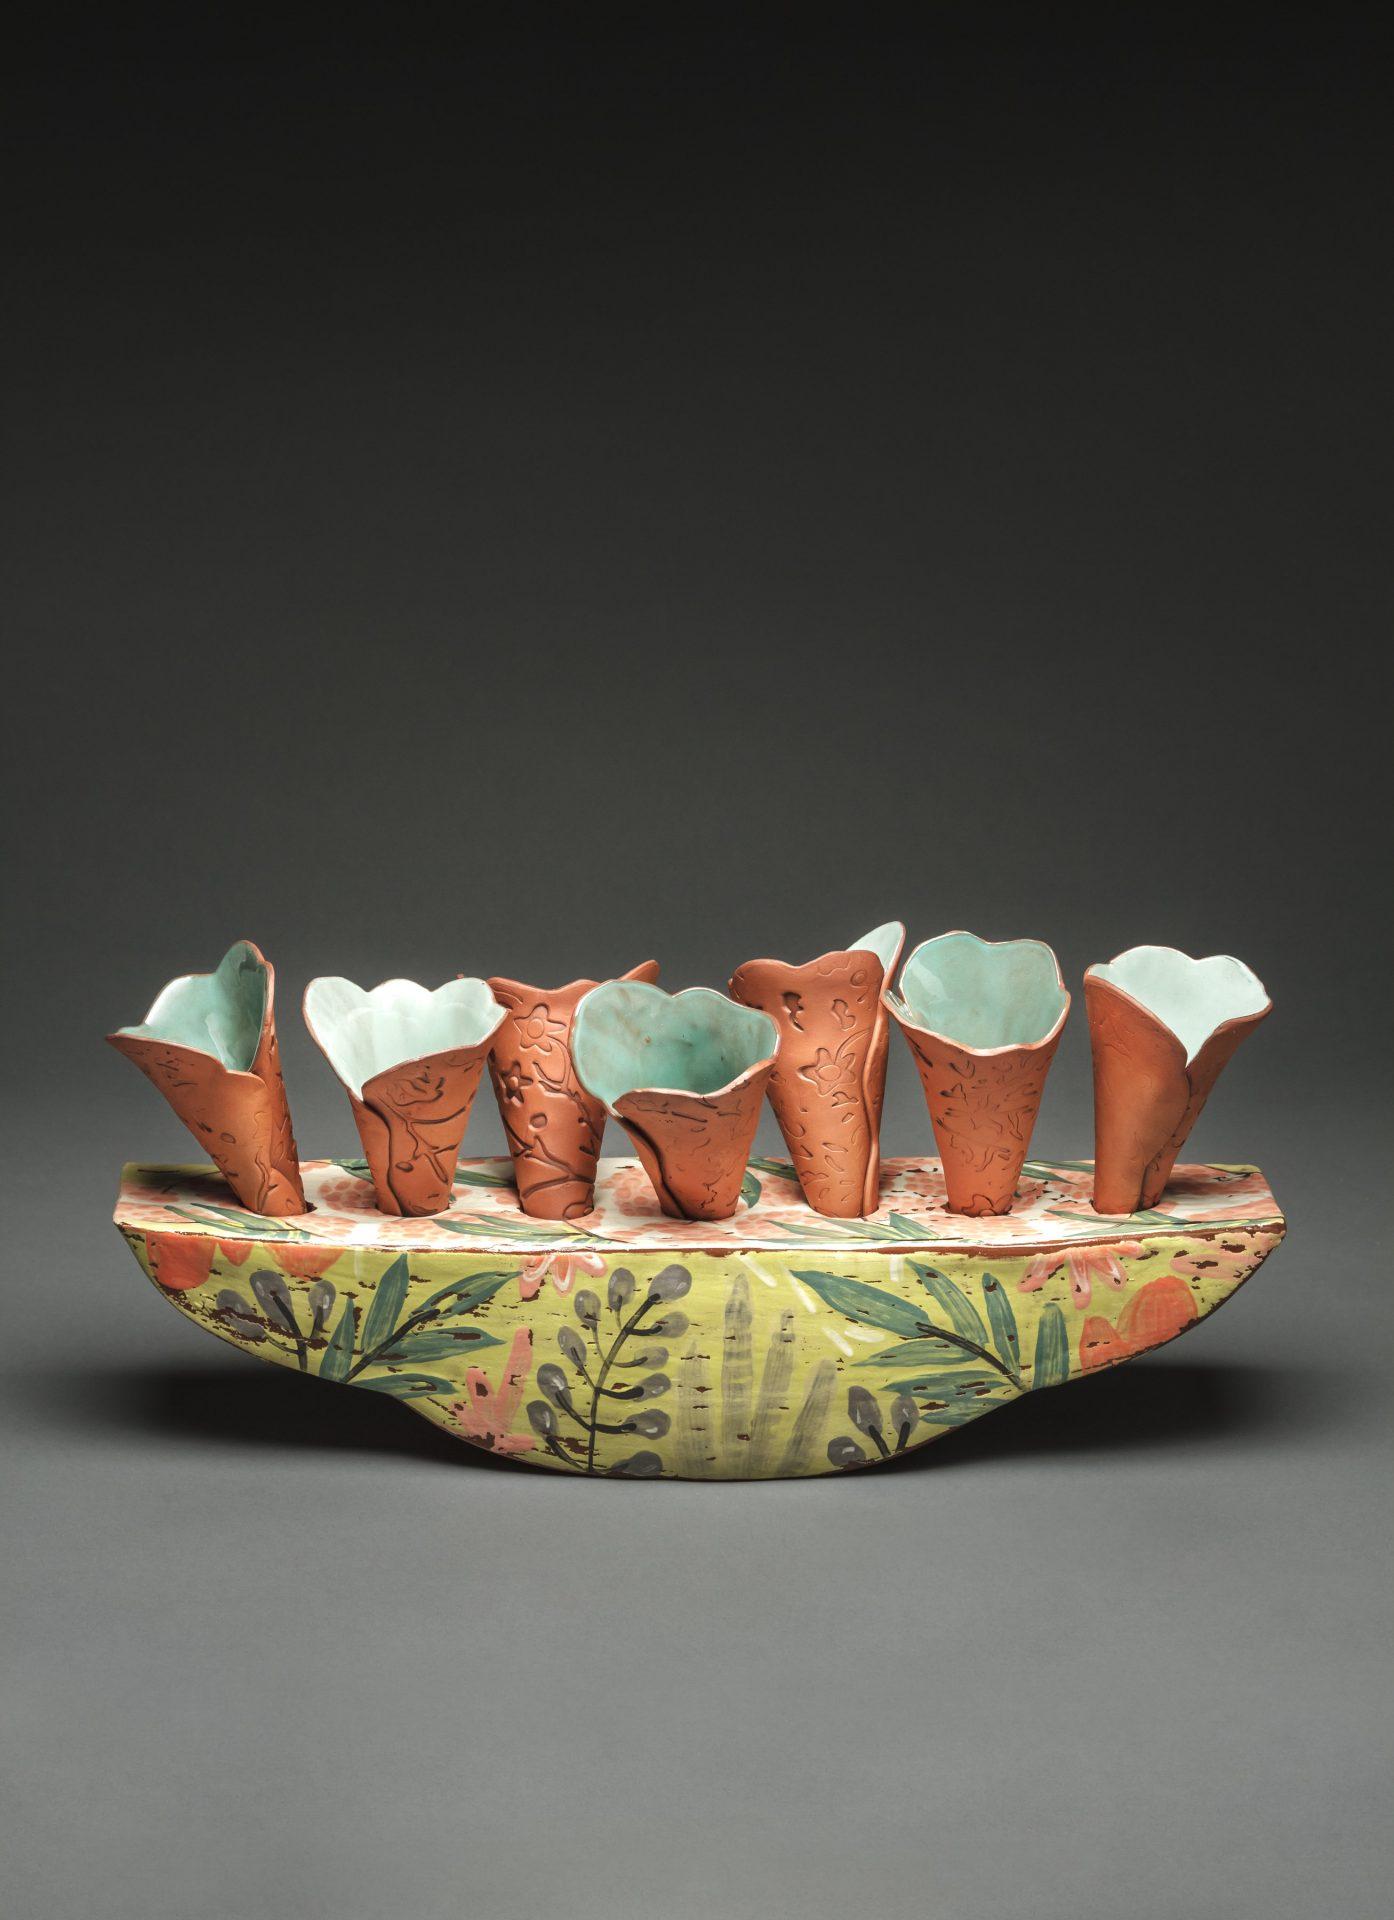 Catie miller arrowmont school of arts and crafts for Arrowmont school of arts and crafts